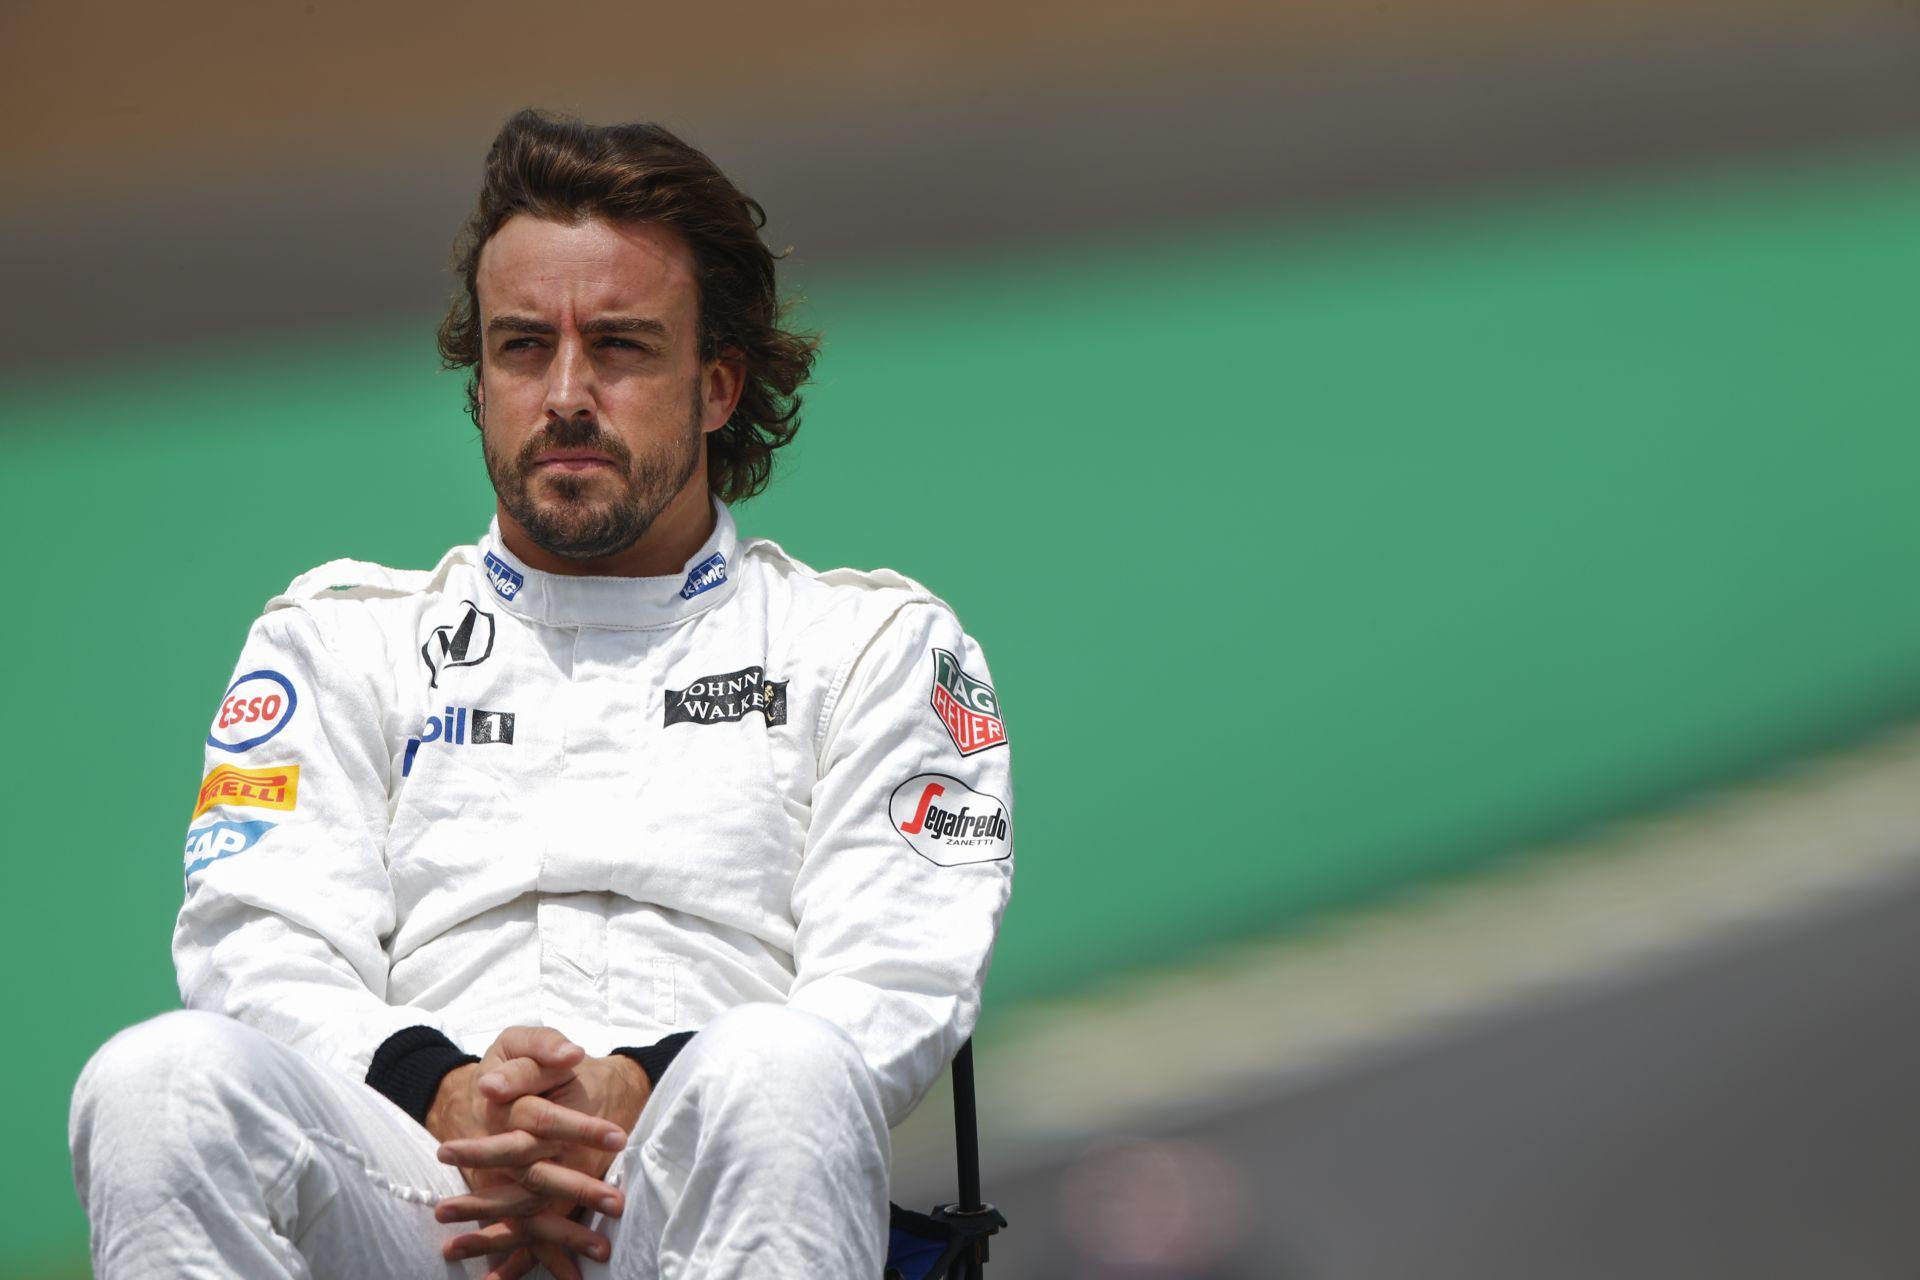 Amikor Alonso hirtelen beköszön Budapesten, a semmiből